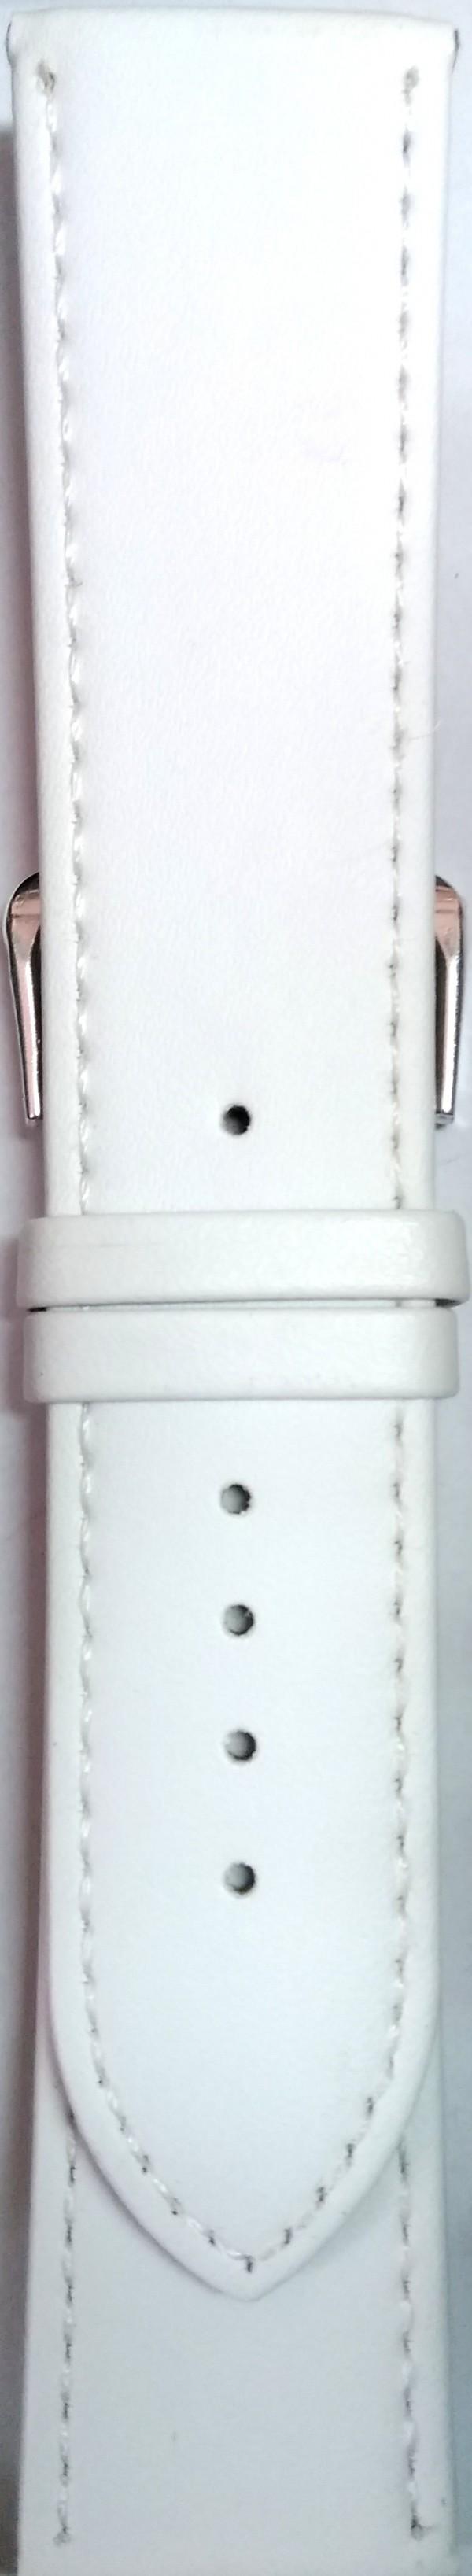 Kožni kaiš 24.01XL ( Eko koža) Bela boja